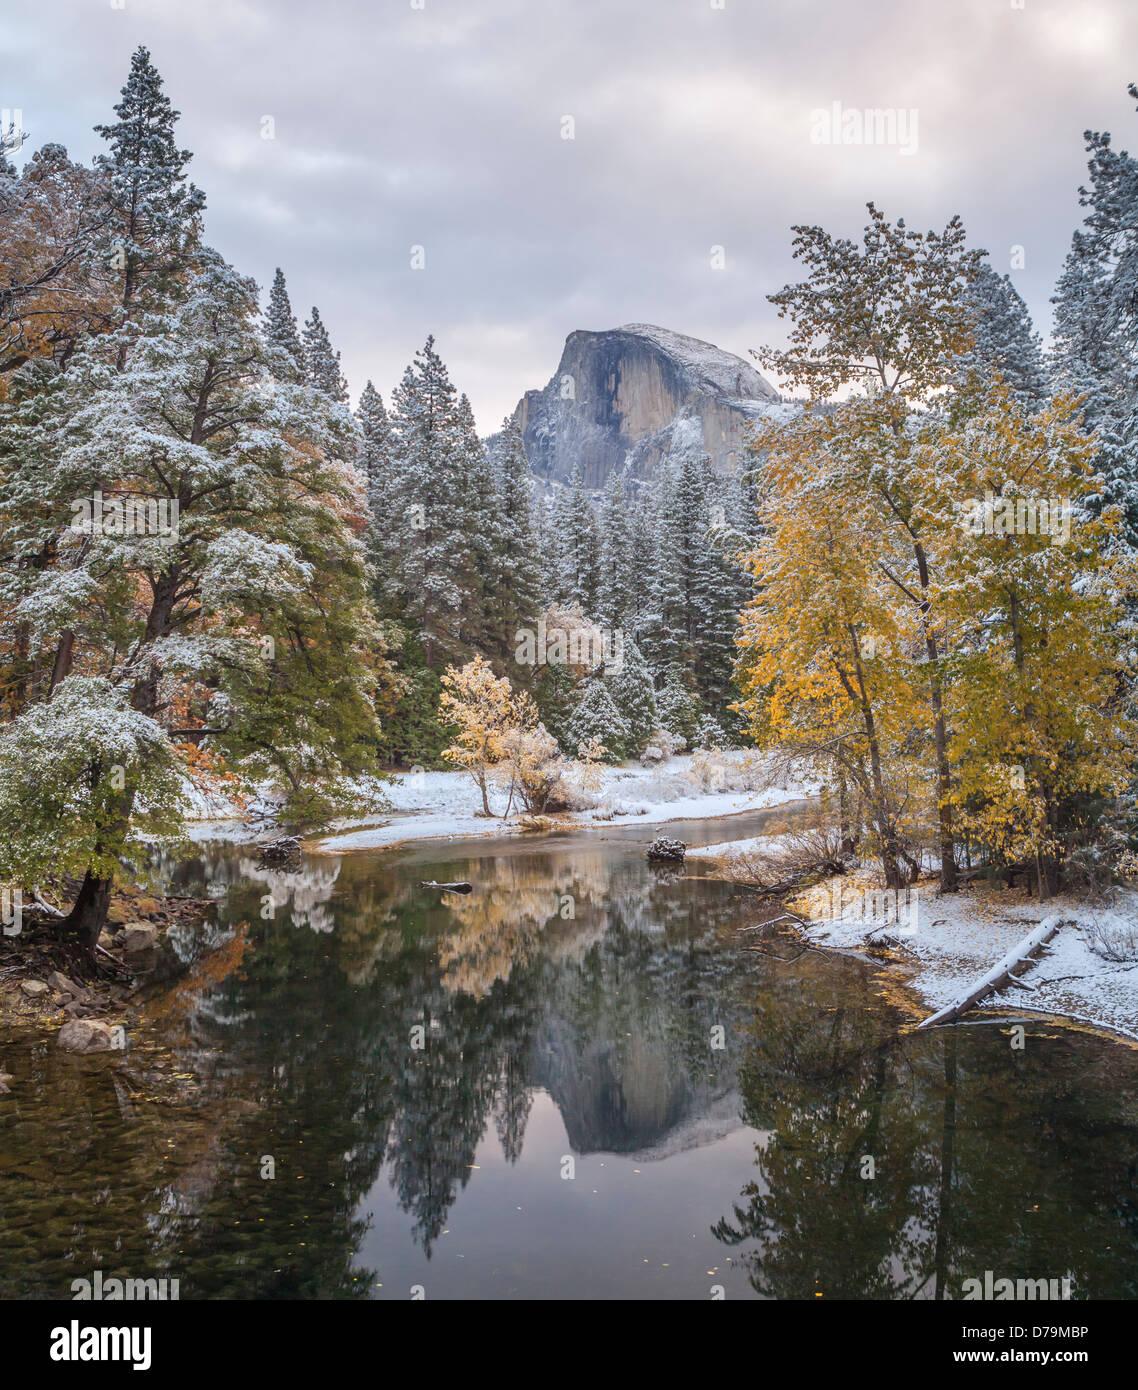 Yosemite National Park, Californie: Demi Dôme réfléchissant sur la rivière Merced avec Photo Stock